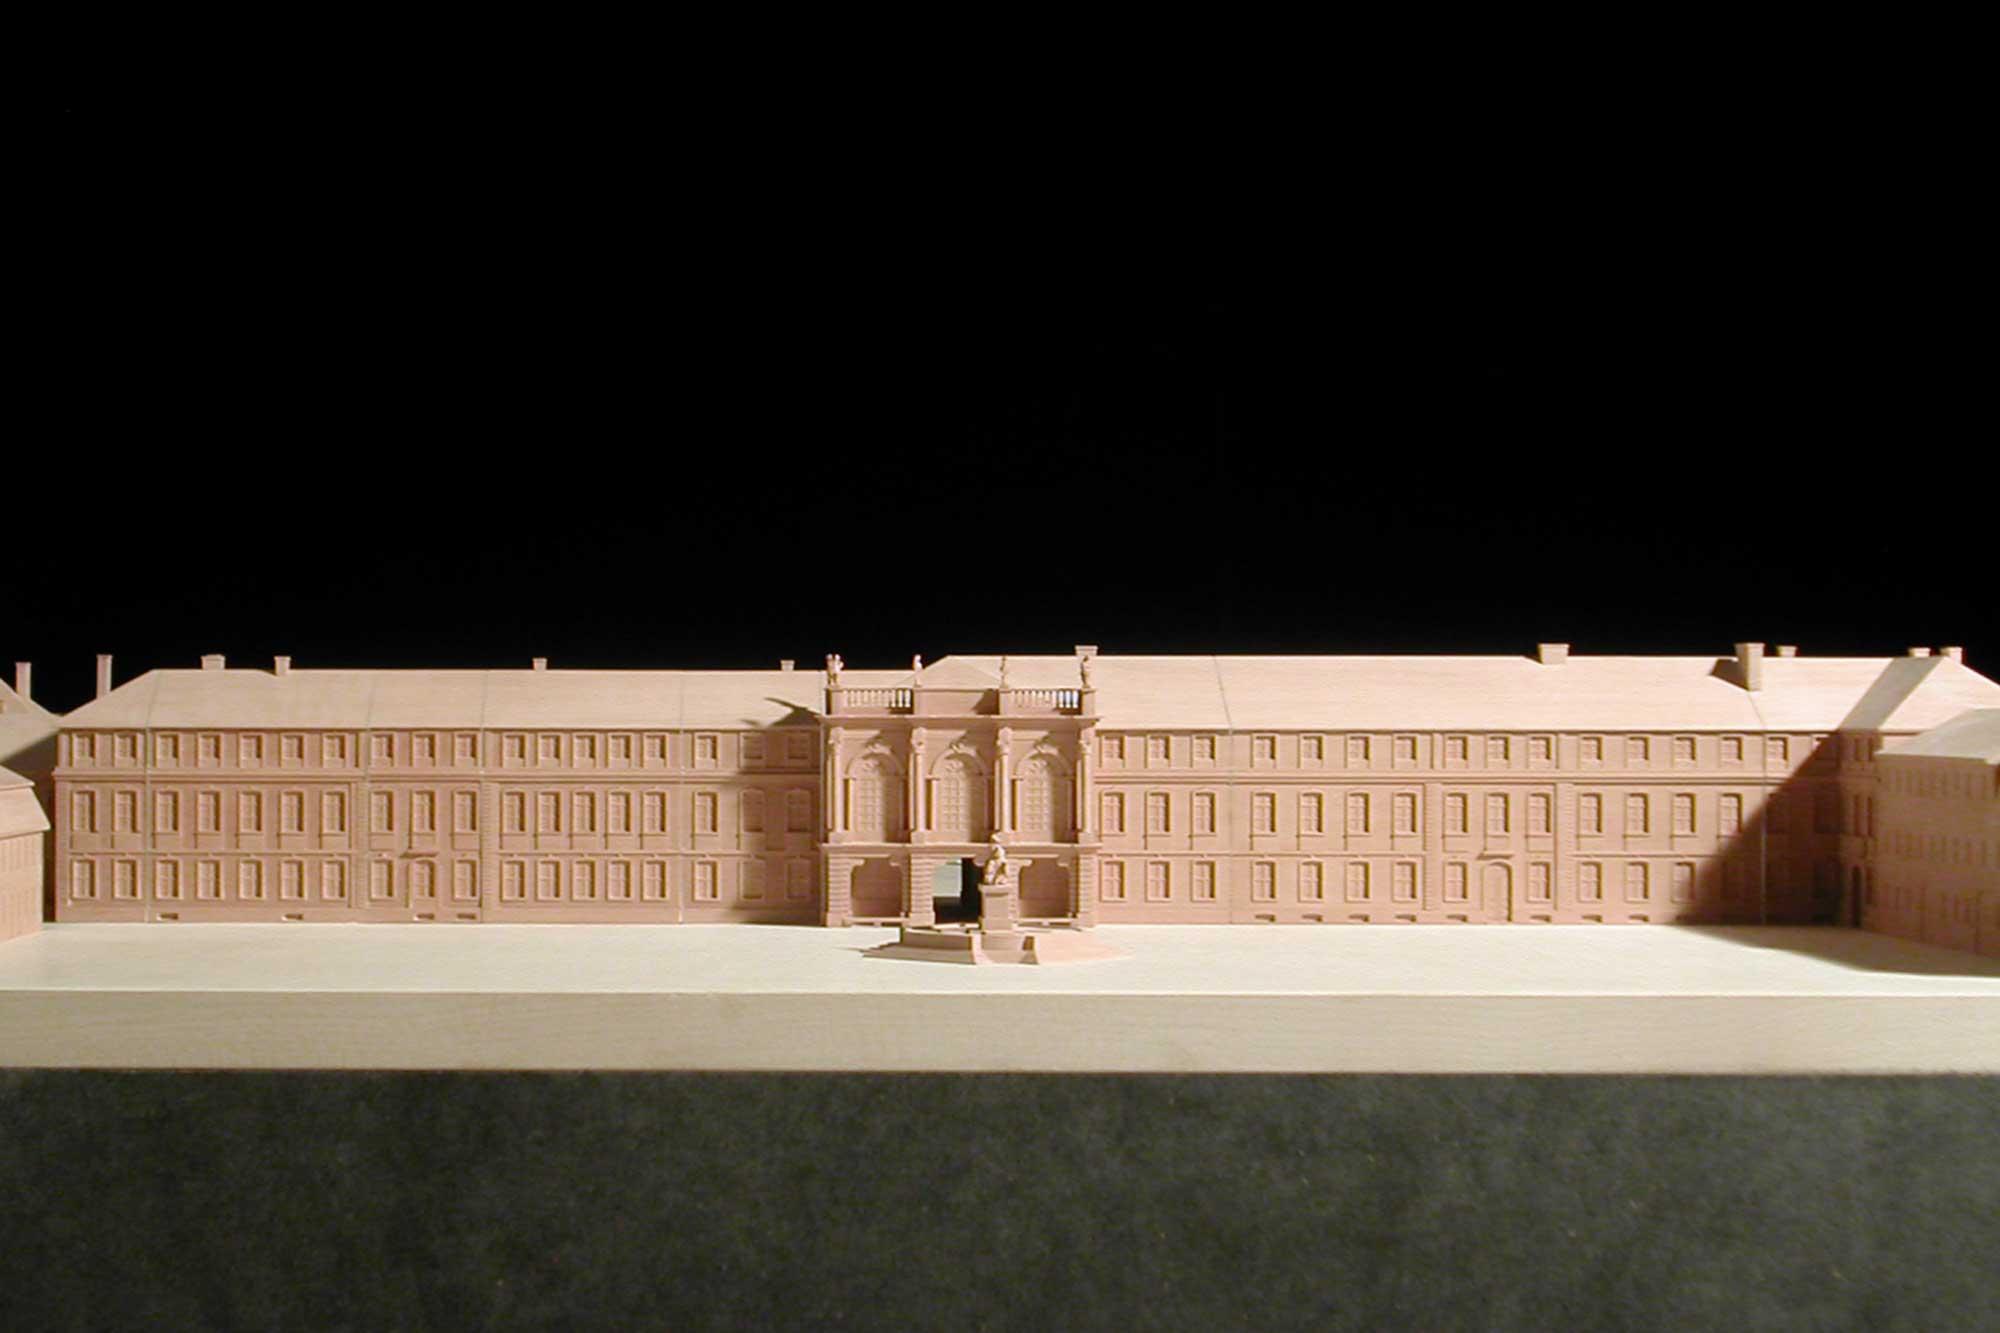 Modell Neues Schloss Bayreuth Ansicht Haupteingang